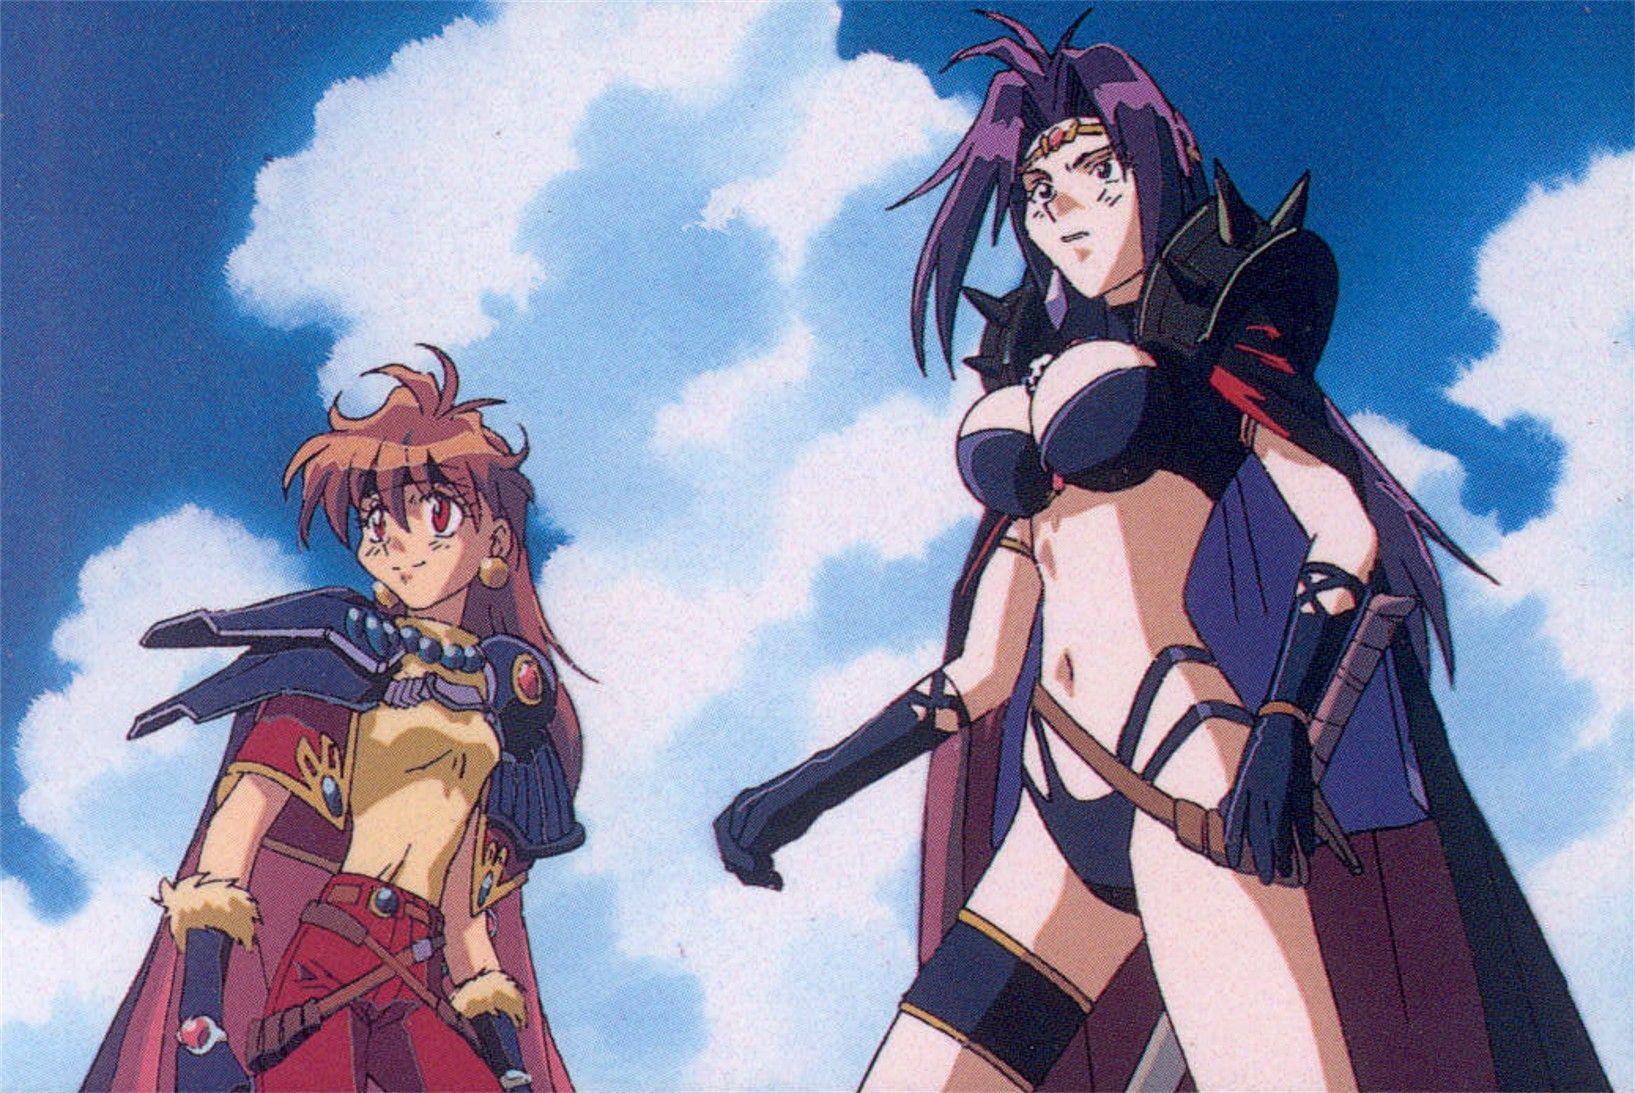 スレイヤーズ slayers comics lina and naga anime anime characters slayer